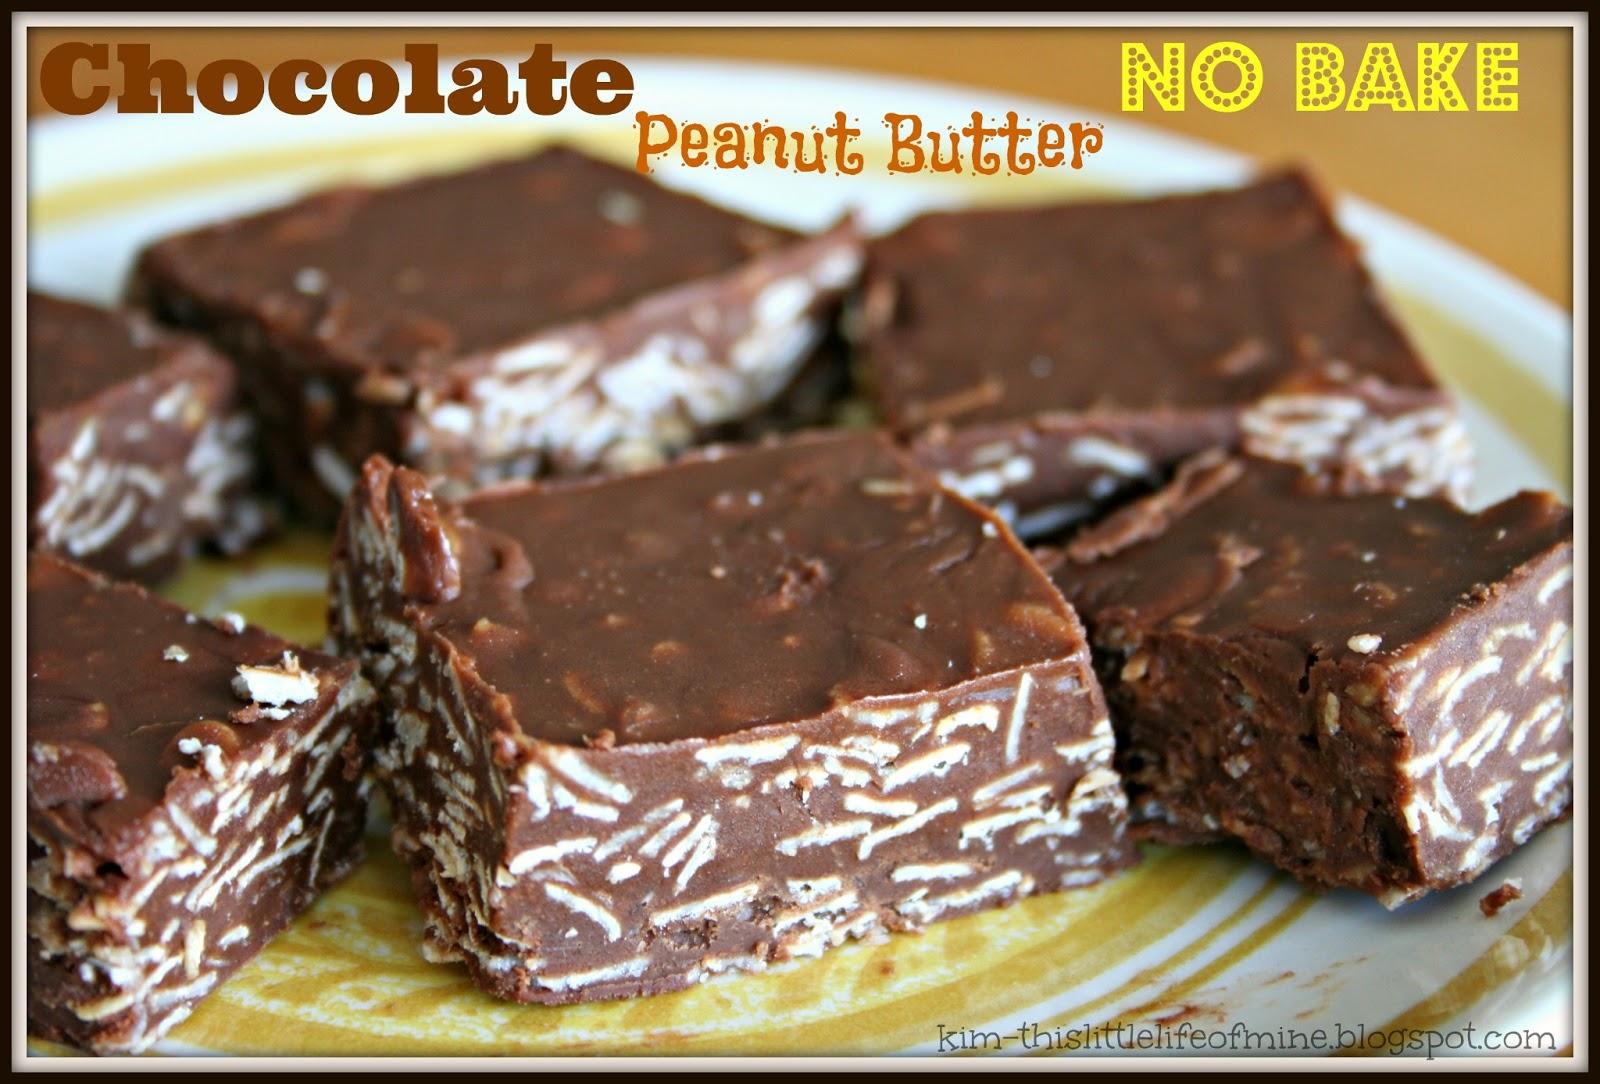 Makin' it Mo' Betta: Chocolate Peanut Butter No Bake Bars